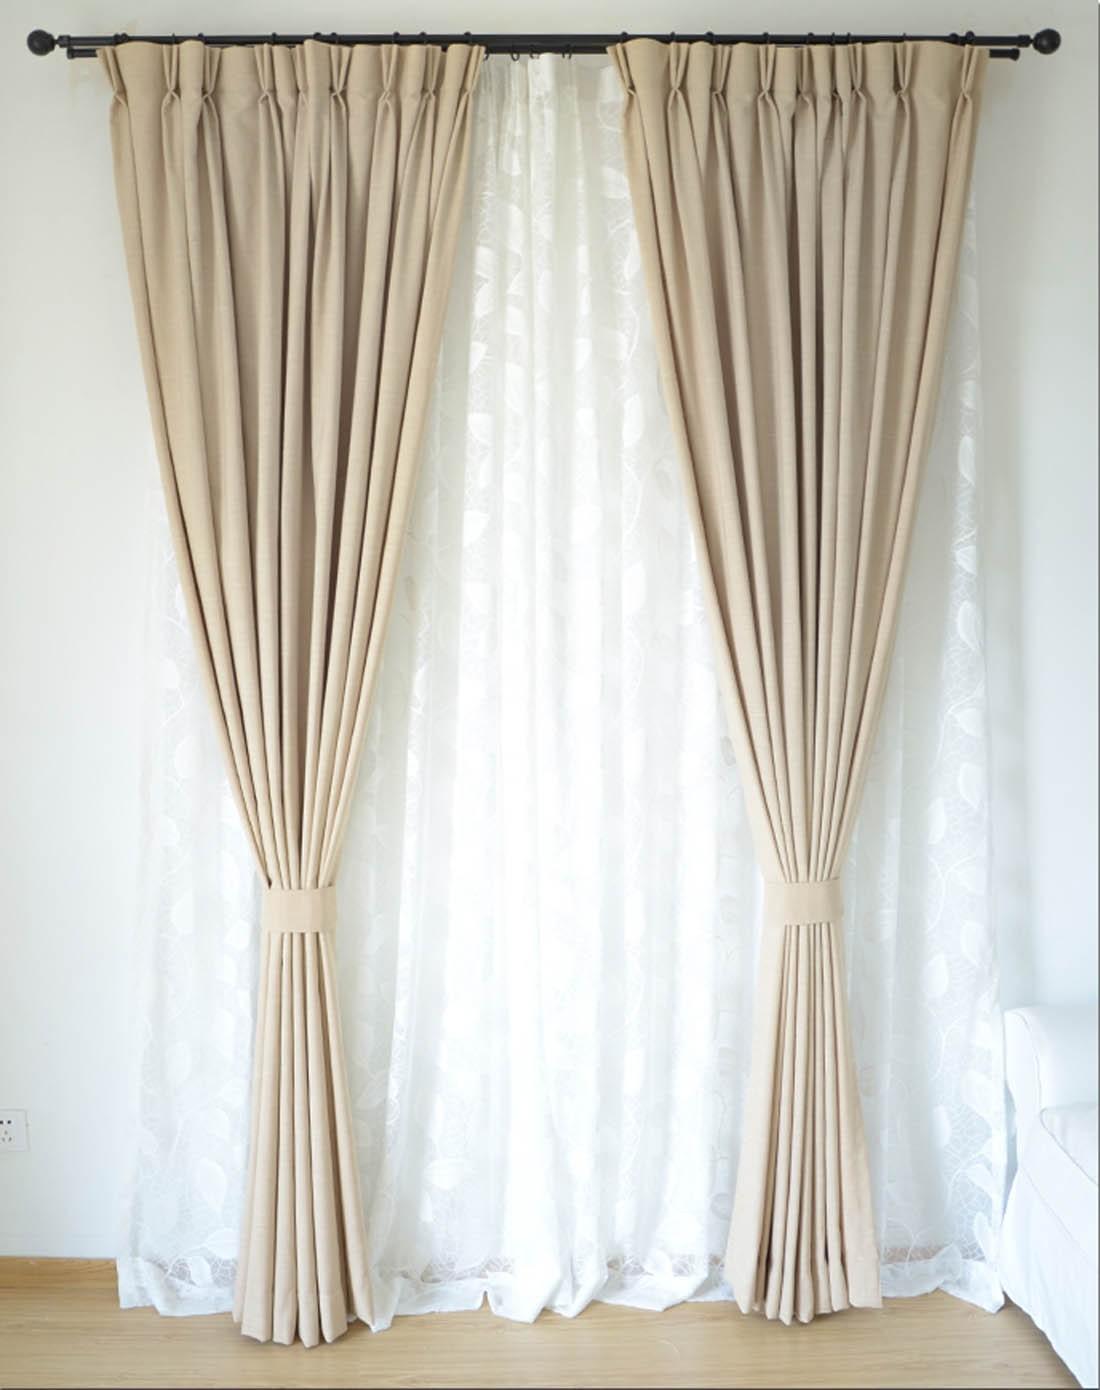 澳美斯rmis布艺浅灰色麻布客厅全遮光布艺窗帘